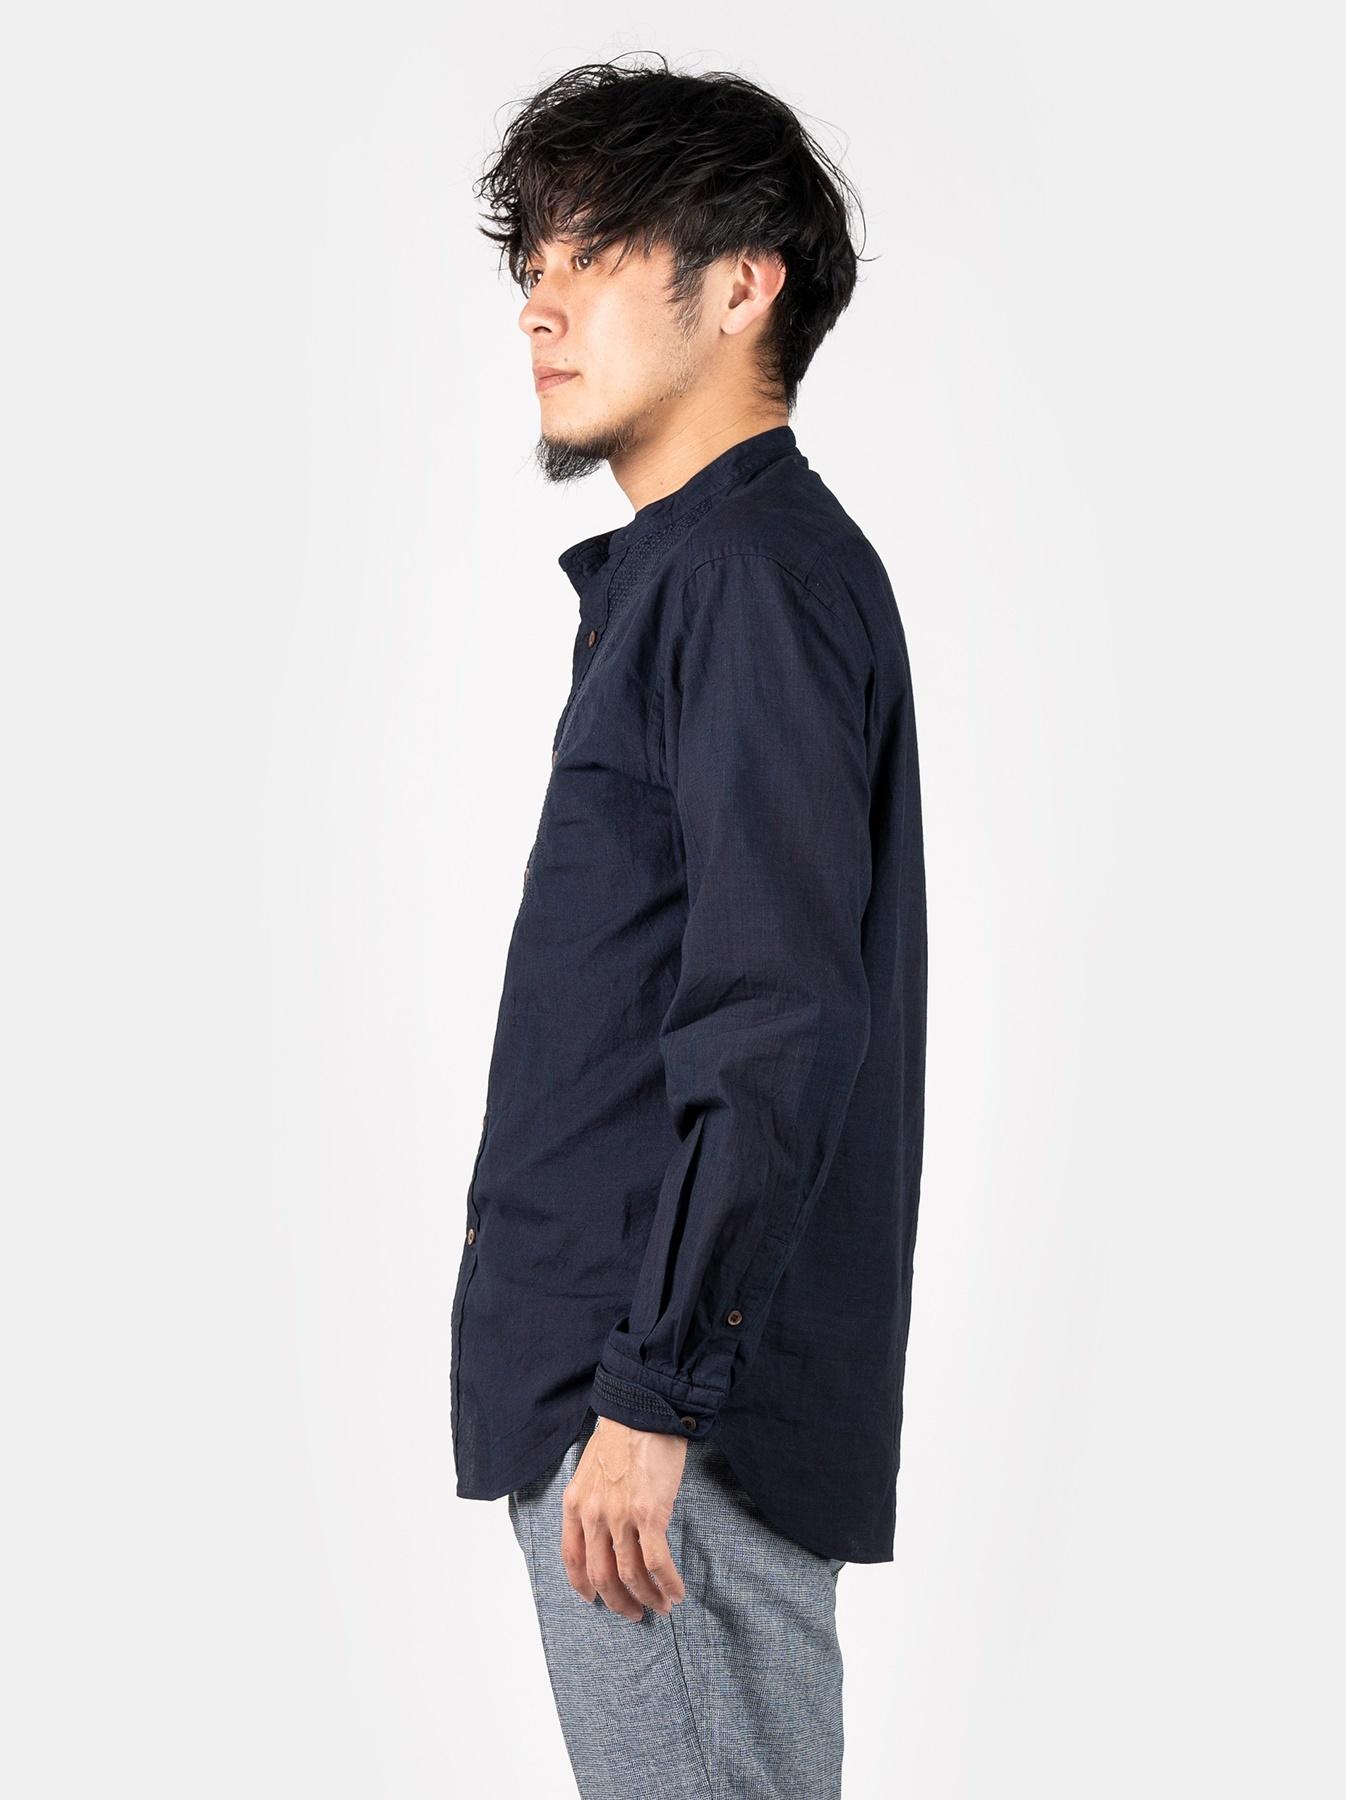 WH Indigo Sheet Cloth Sashiko Shirt-3